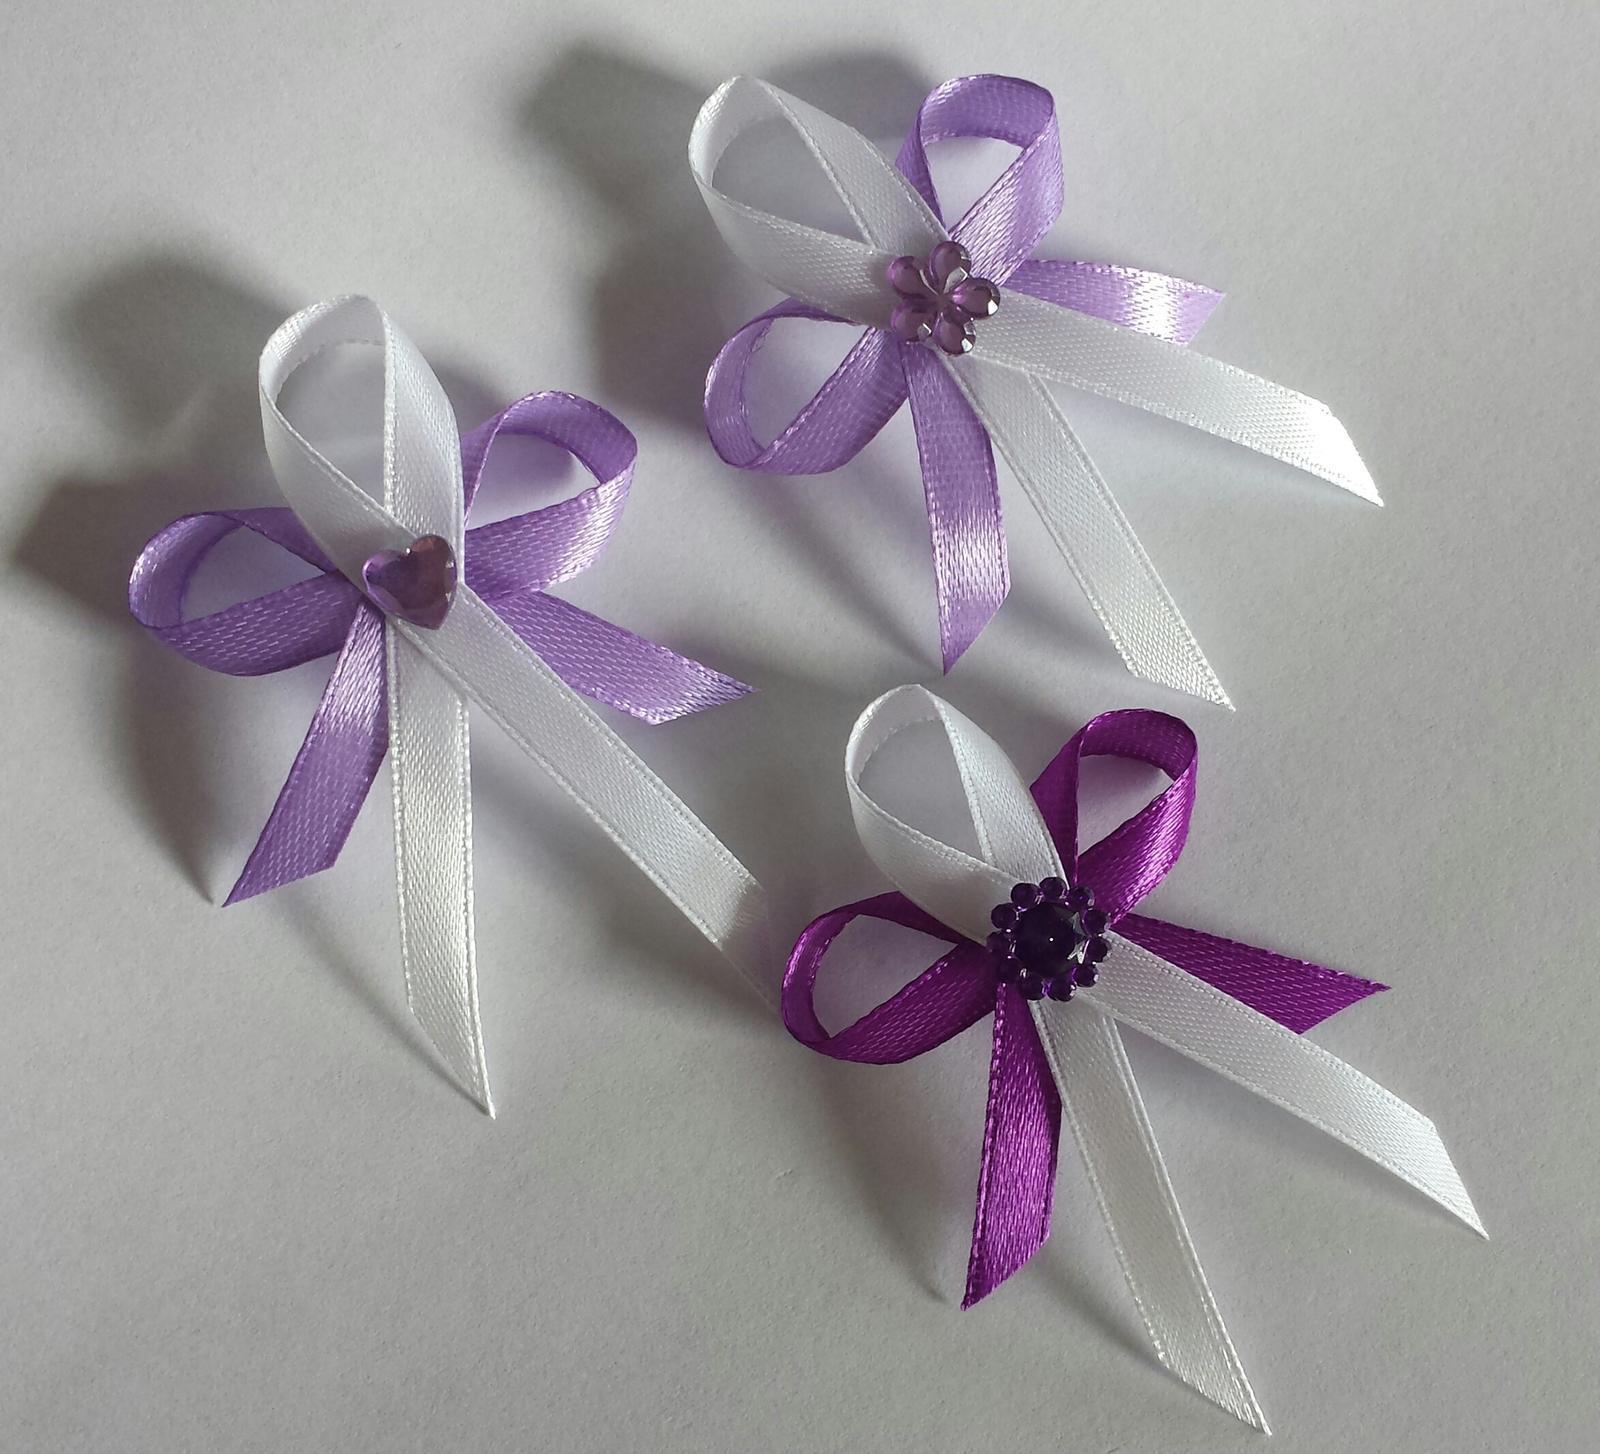 Lila vývazky s kytičkou - Obrázek č. 1